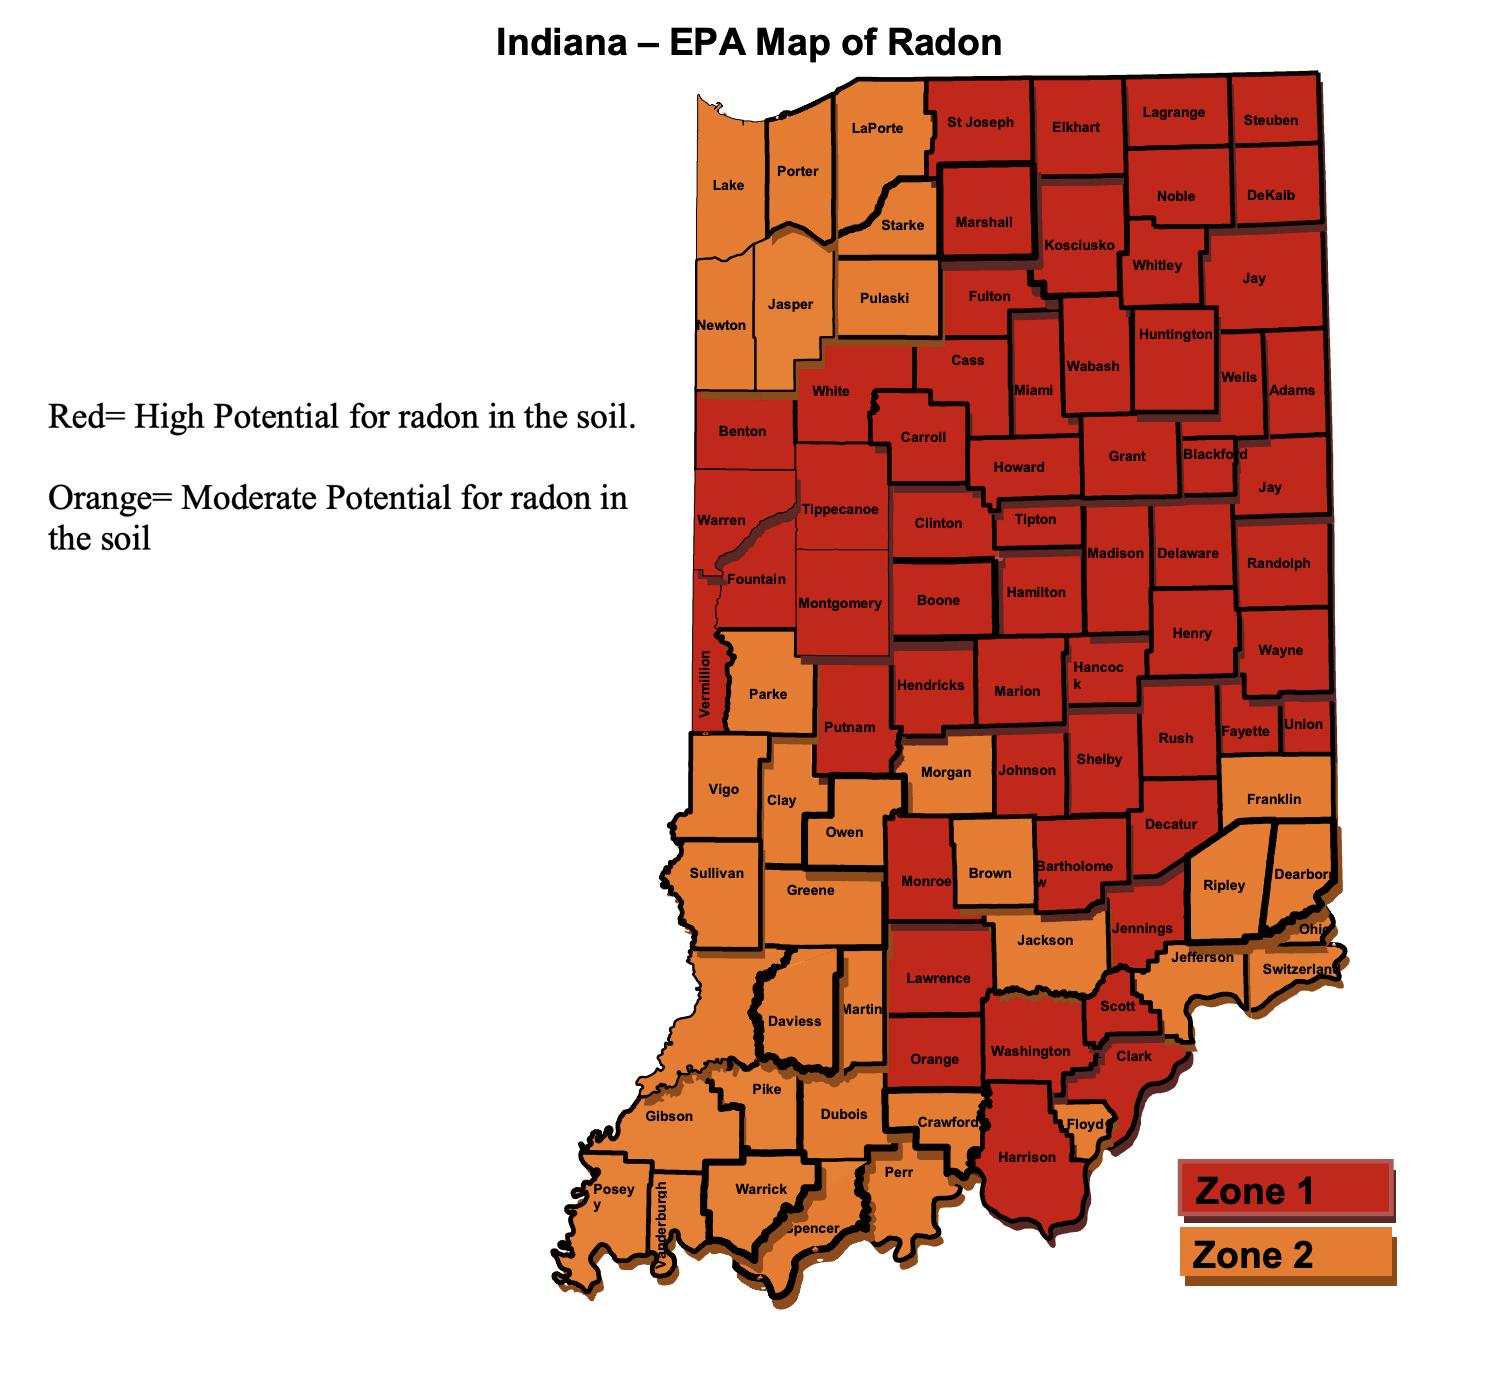 Indiana radon map